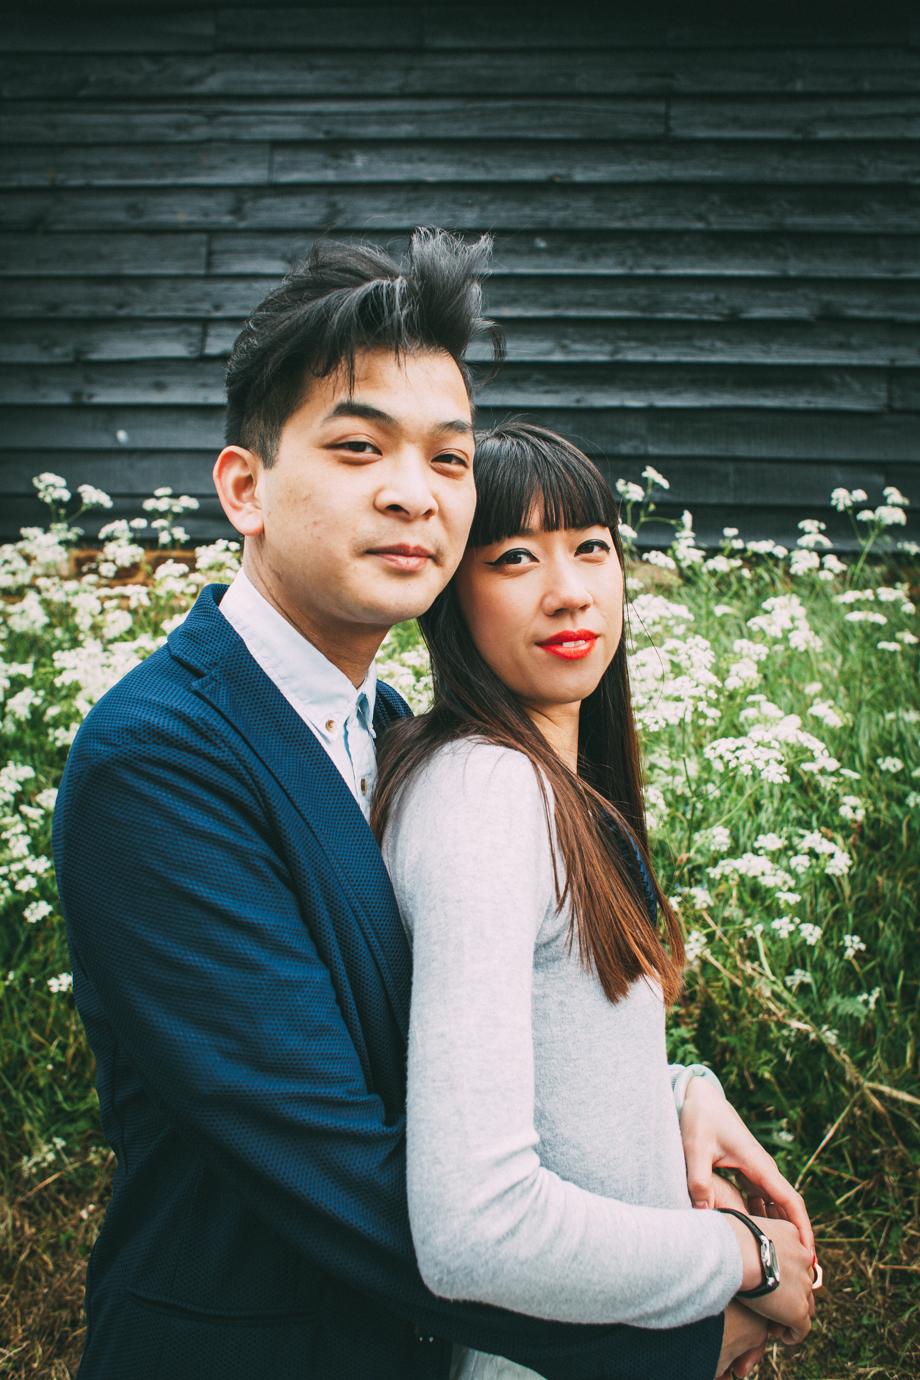 Creative-Pre-Wedding-Photos-13